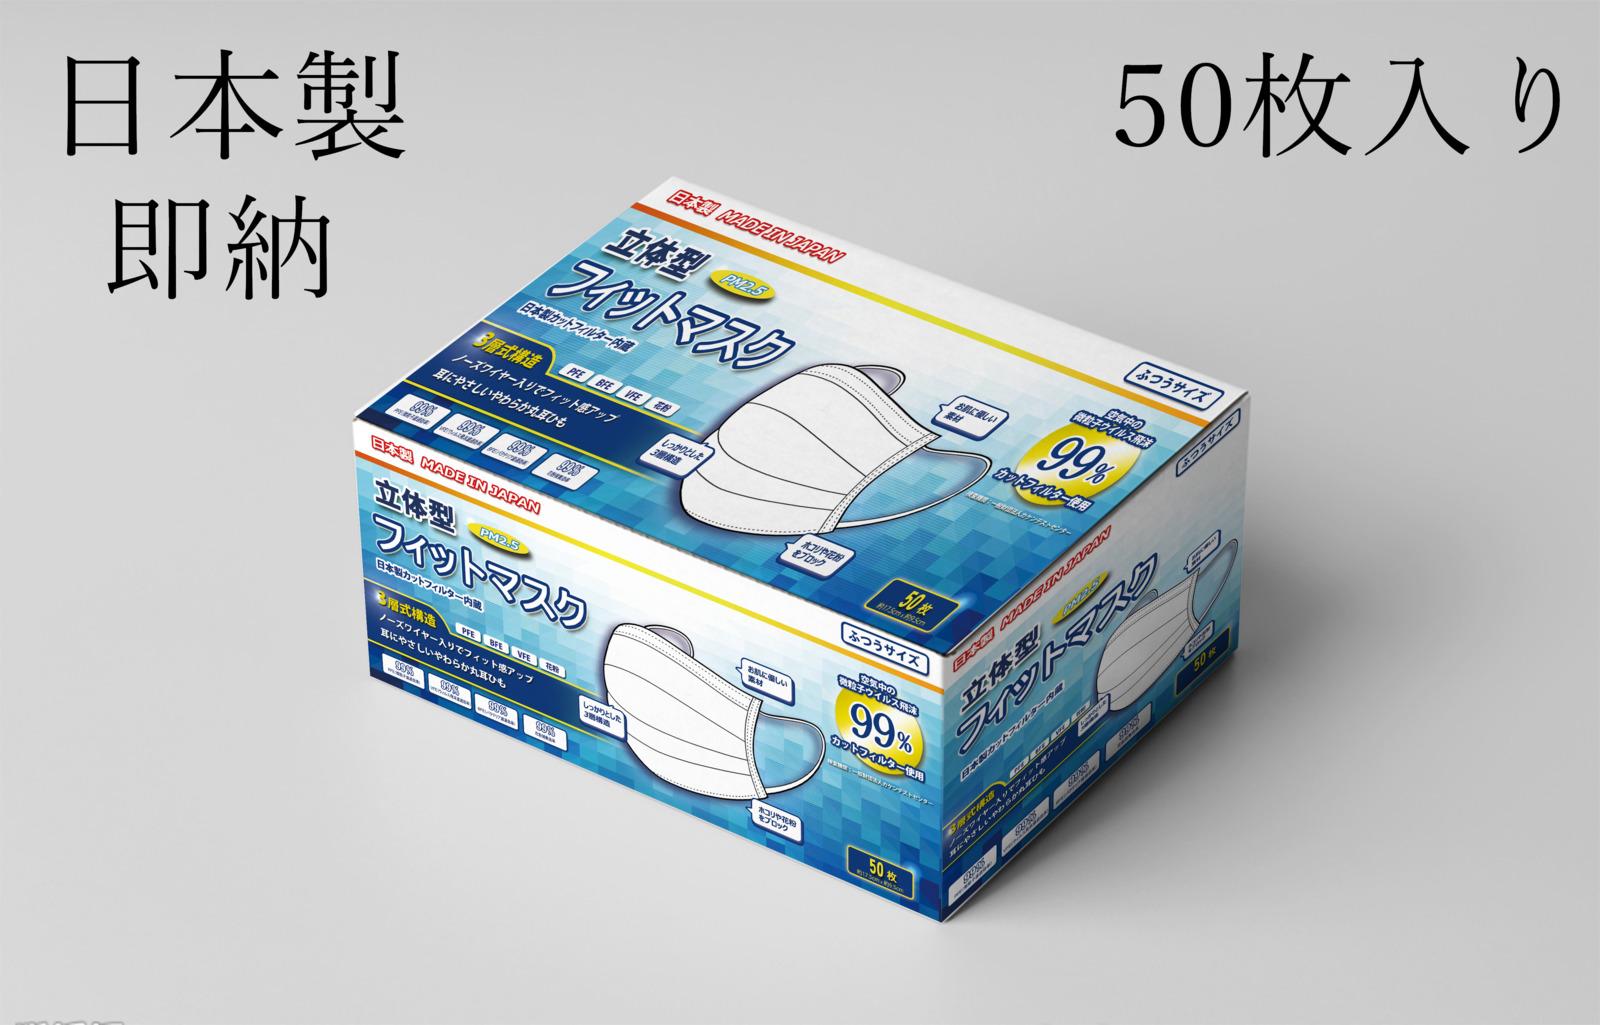 飛沫をプロテクトする外カバー ウイルスカットフィルター 抗菌と防臭処理フィルター合わせて高機能3層構造です 安心できる日本製マスクです 即納 4個以上送料無料 最新号掲載アイテム 日本製 息らく型 耳に負担をかけないマスク 定番スタイル ホワイト 三層式構造立体マスク キャンセル返品不可 普通サイズ 使い捨て 日本製産99.9%カットフィルター内蔵 在庫あり 国内発送